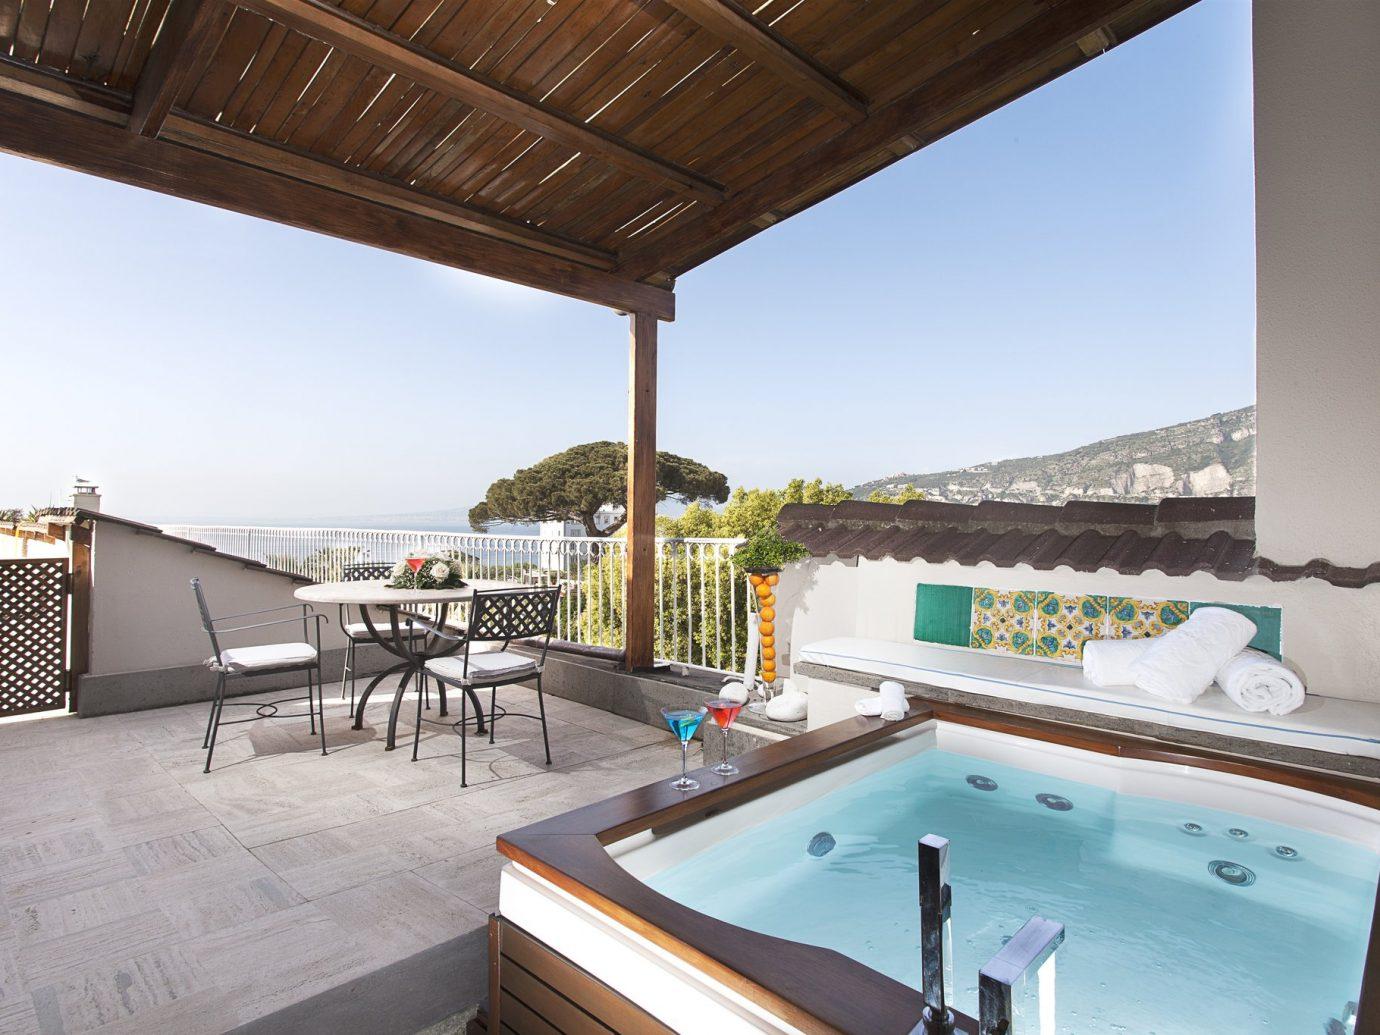 Balcony at Grand Hotel Cocumella